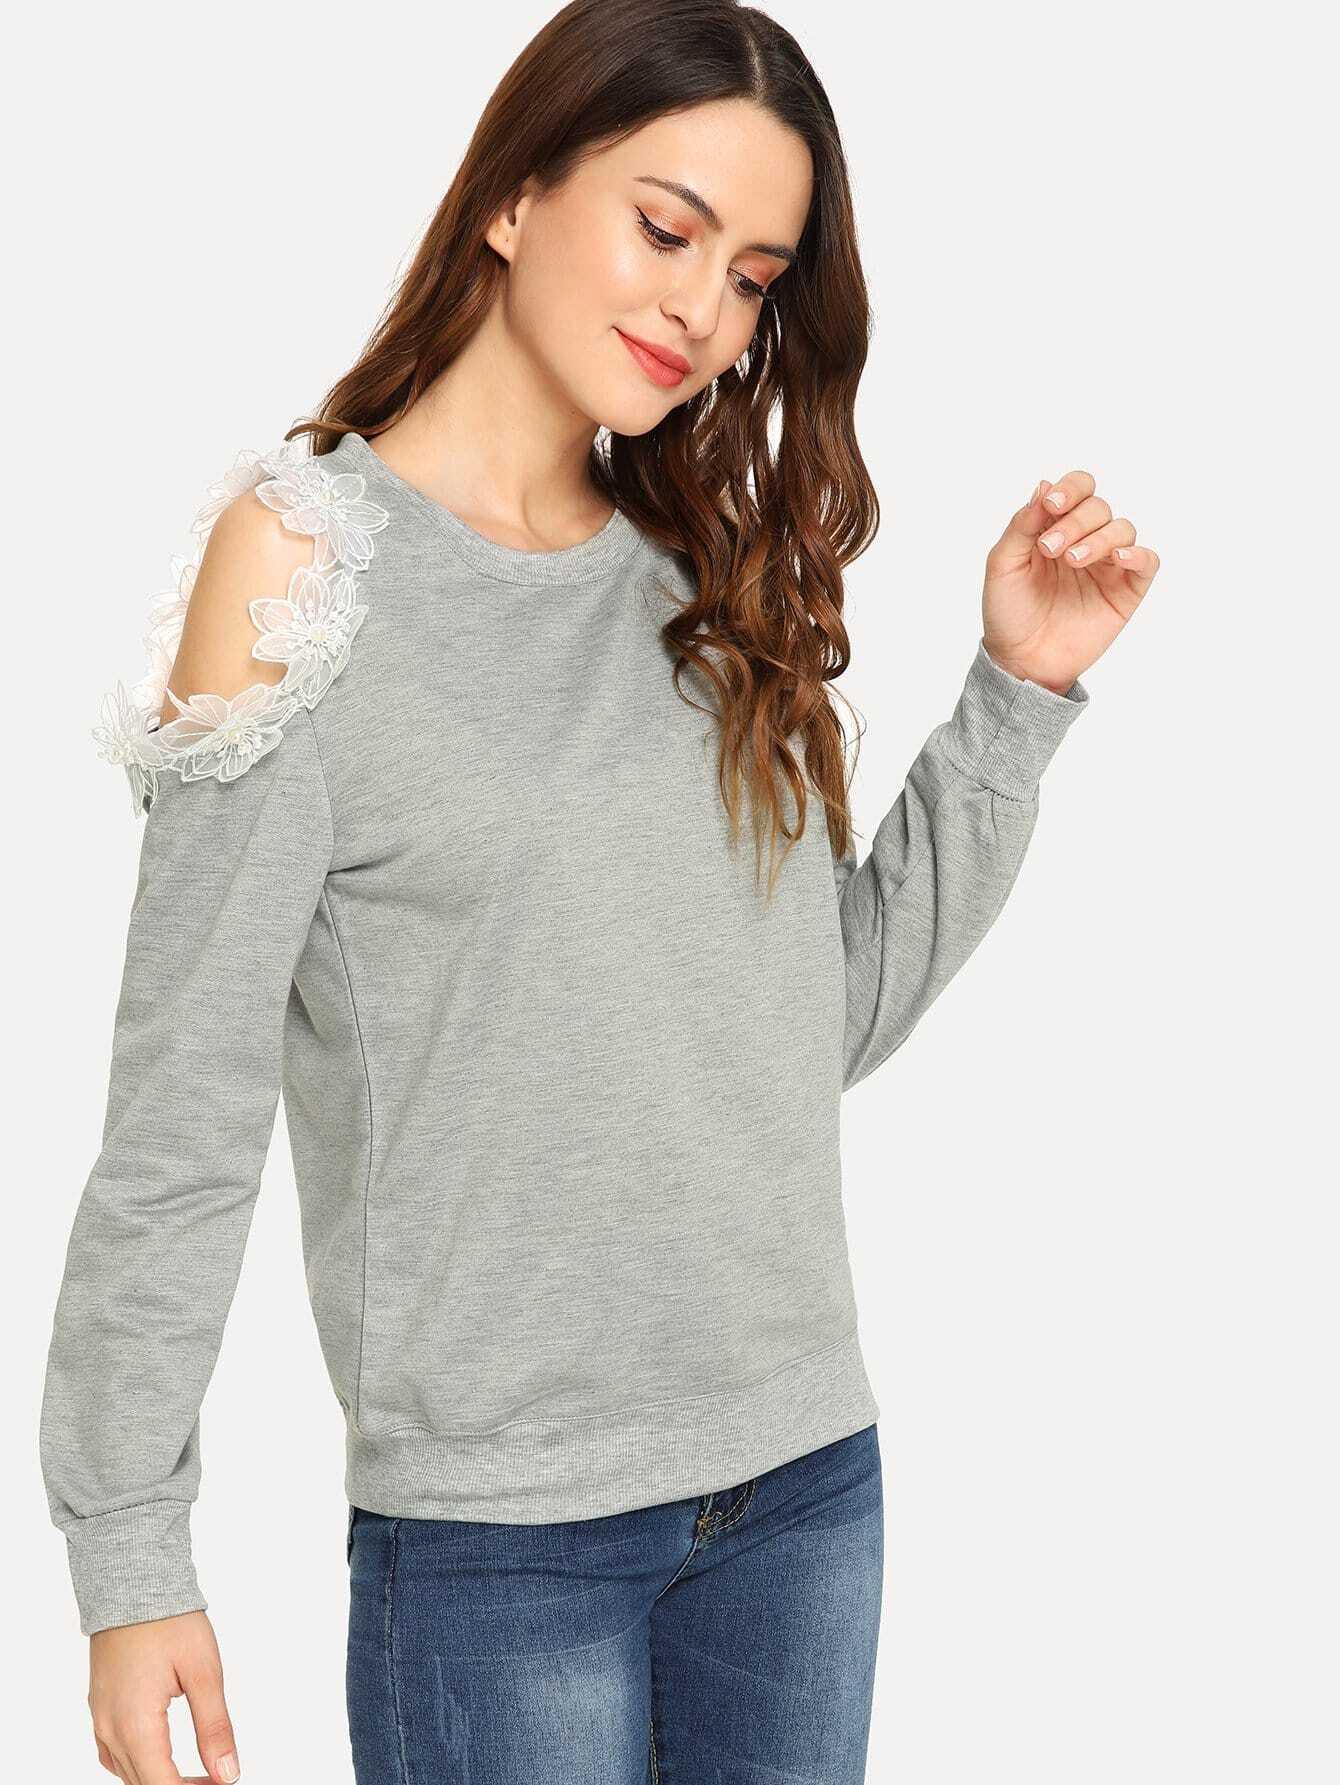 Купить Пуловер с открытыми плечами и с украшением жемчугов, Jana, SheIn